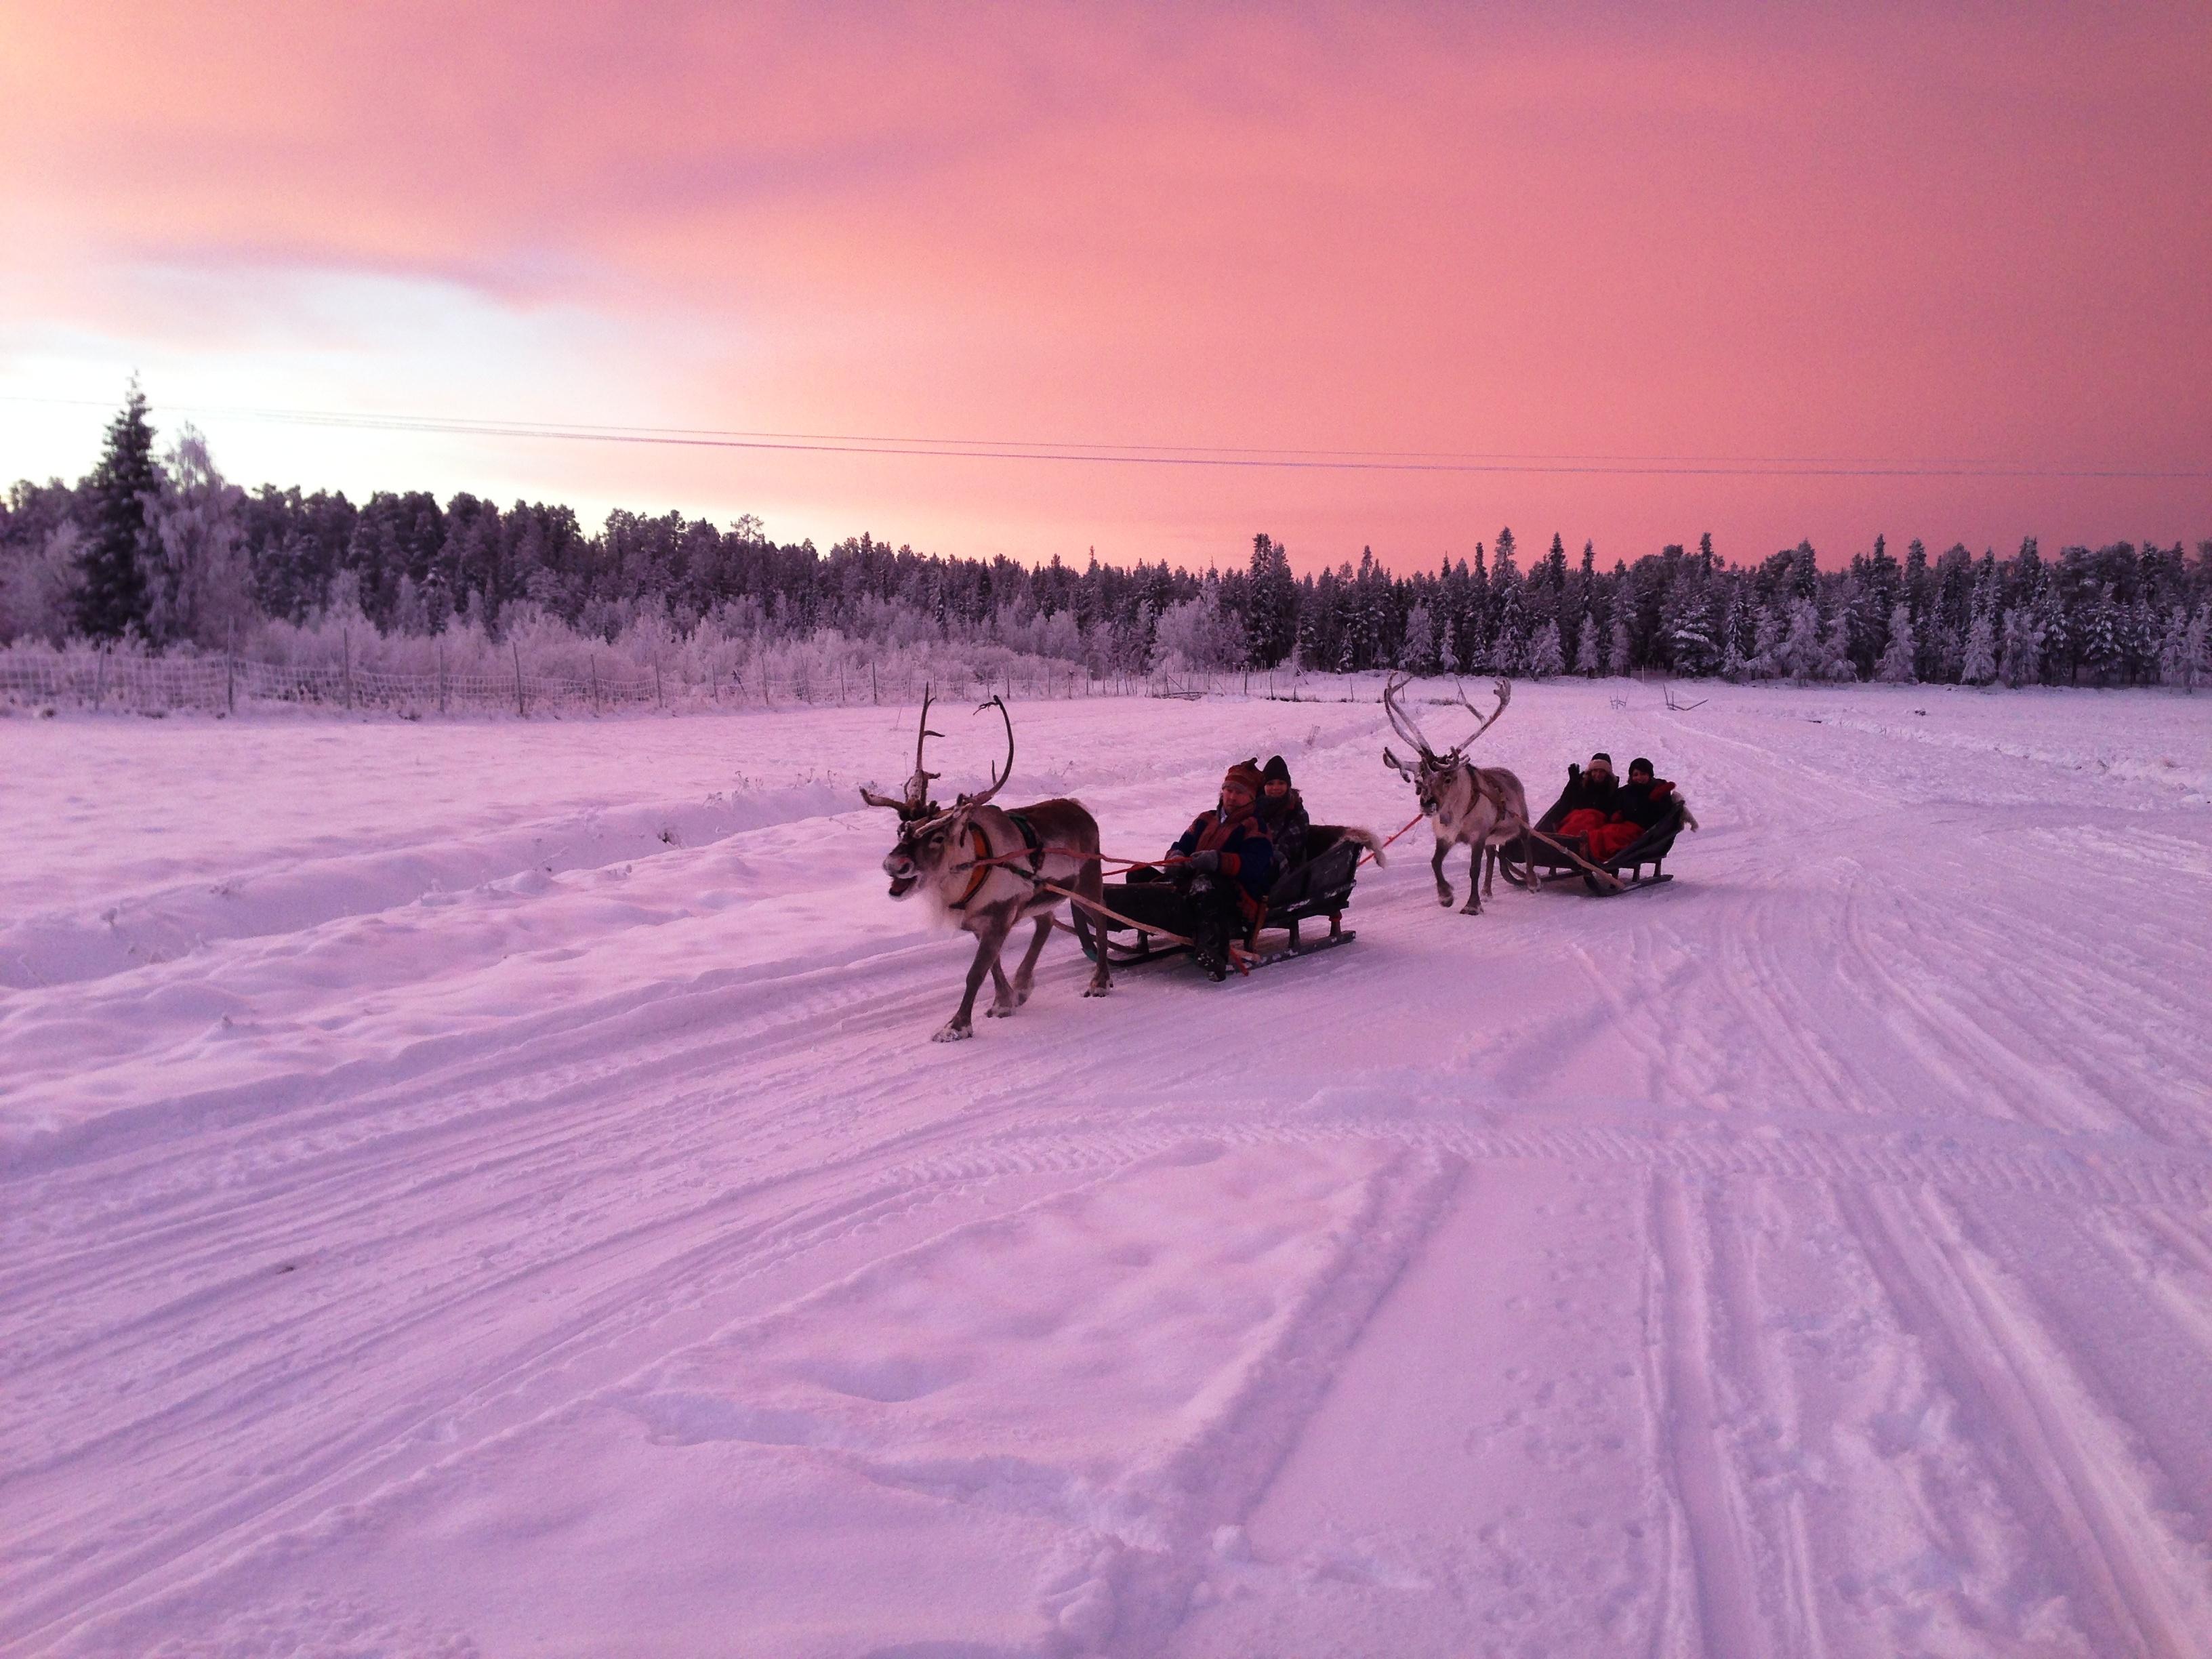 lpl_reindeer_landscape_19390582449_o.jpg